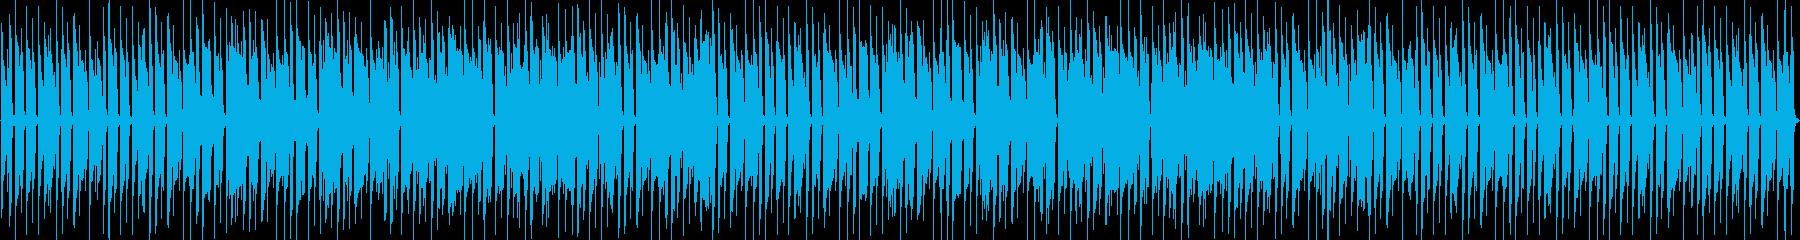 アコギでほのぼのBGMの再生済みの波形